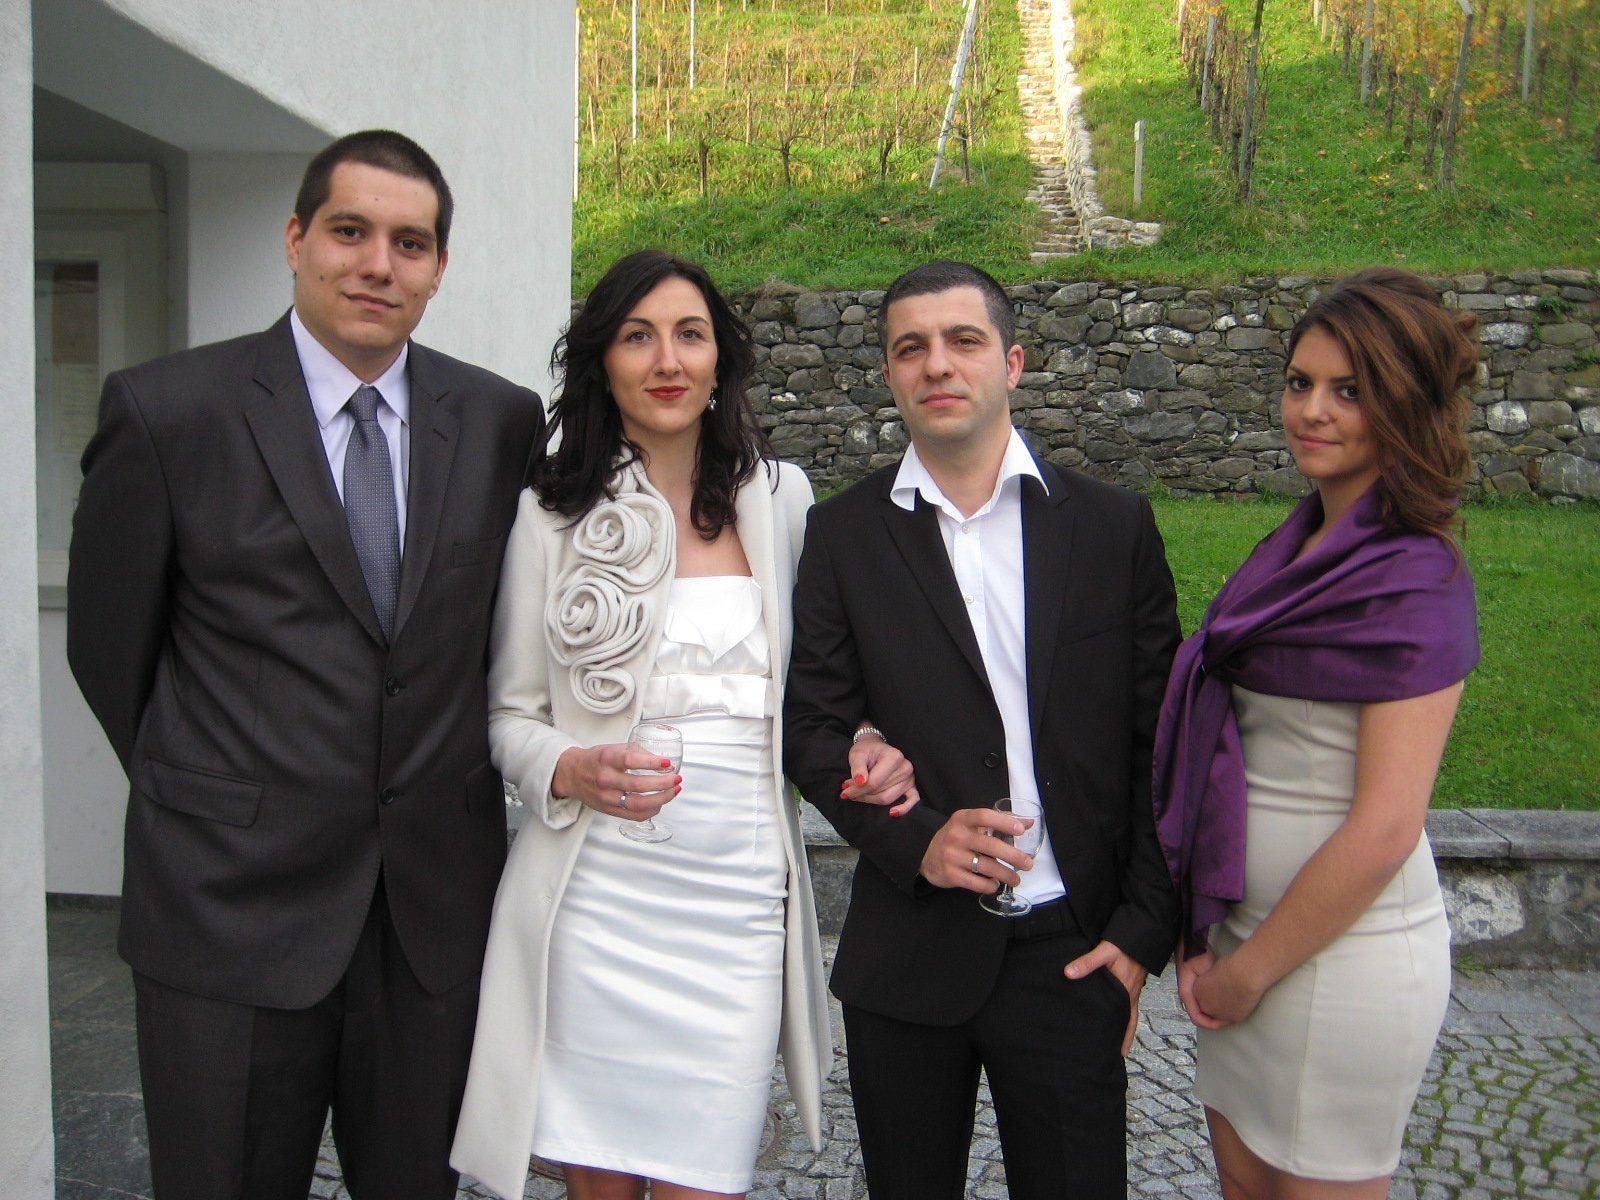 Vukica Jankovic und Ivan Andjelkovic haben geheiratet.